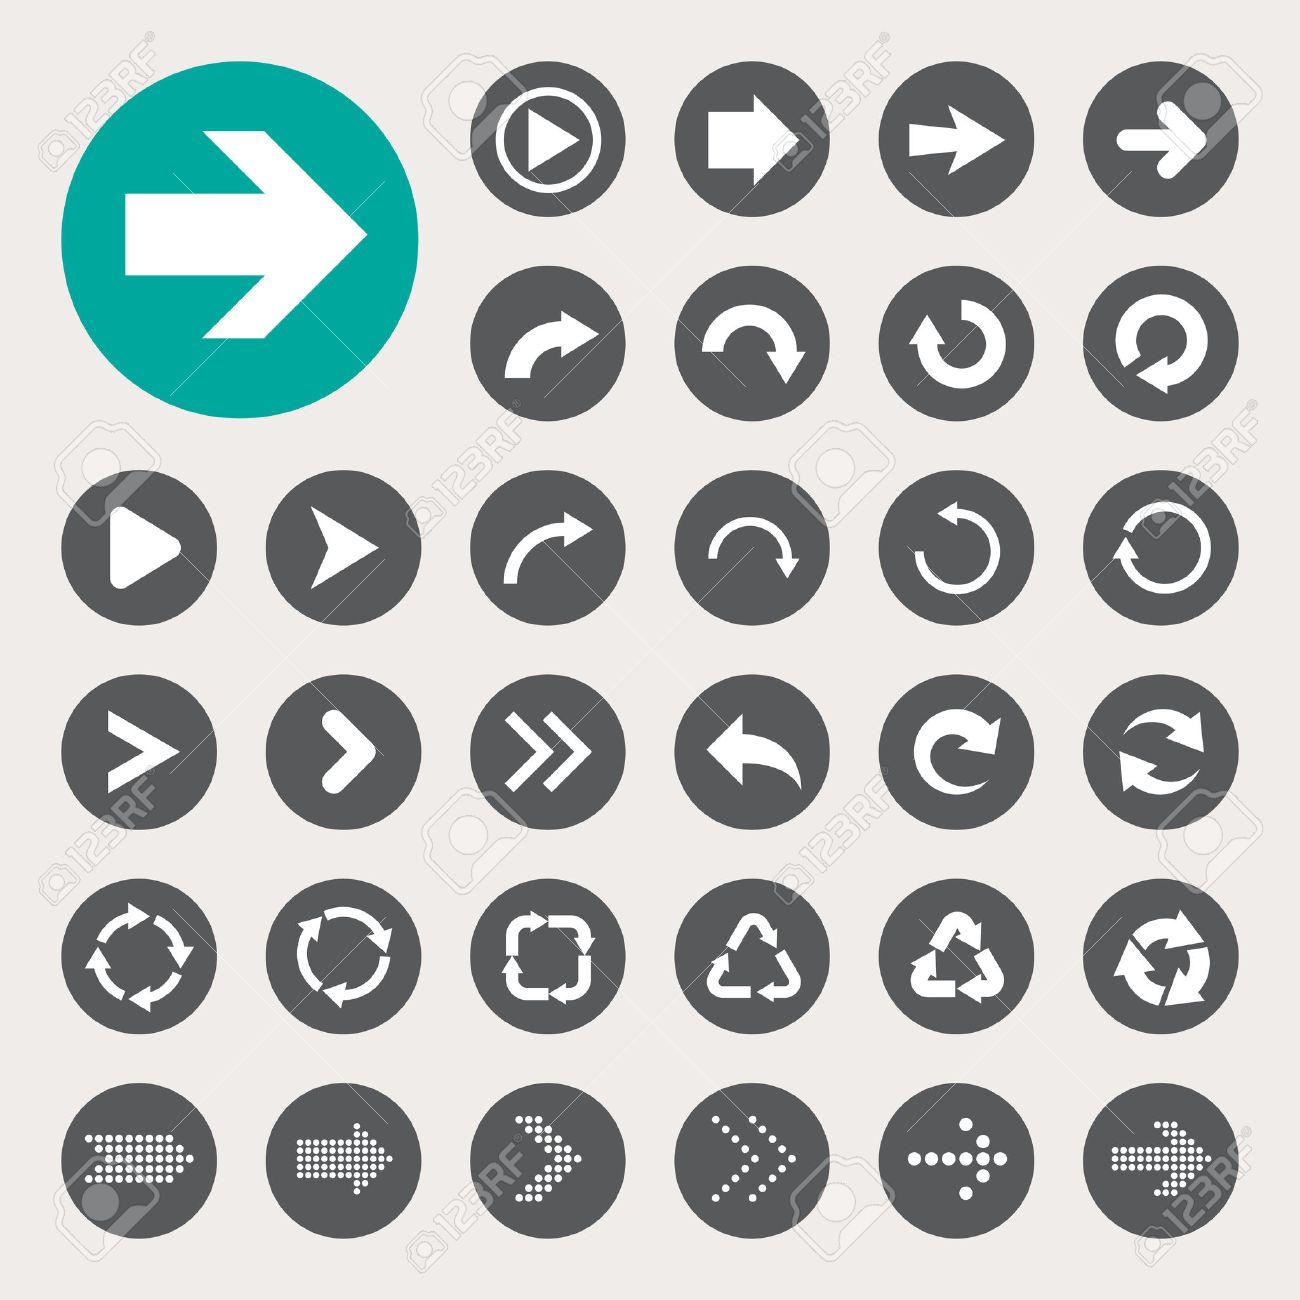 Basic arrow sign icons set.Illustrator eps10 - 39021918